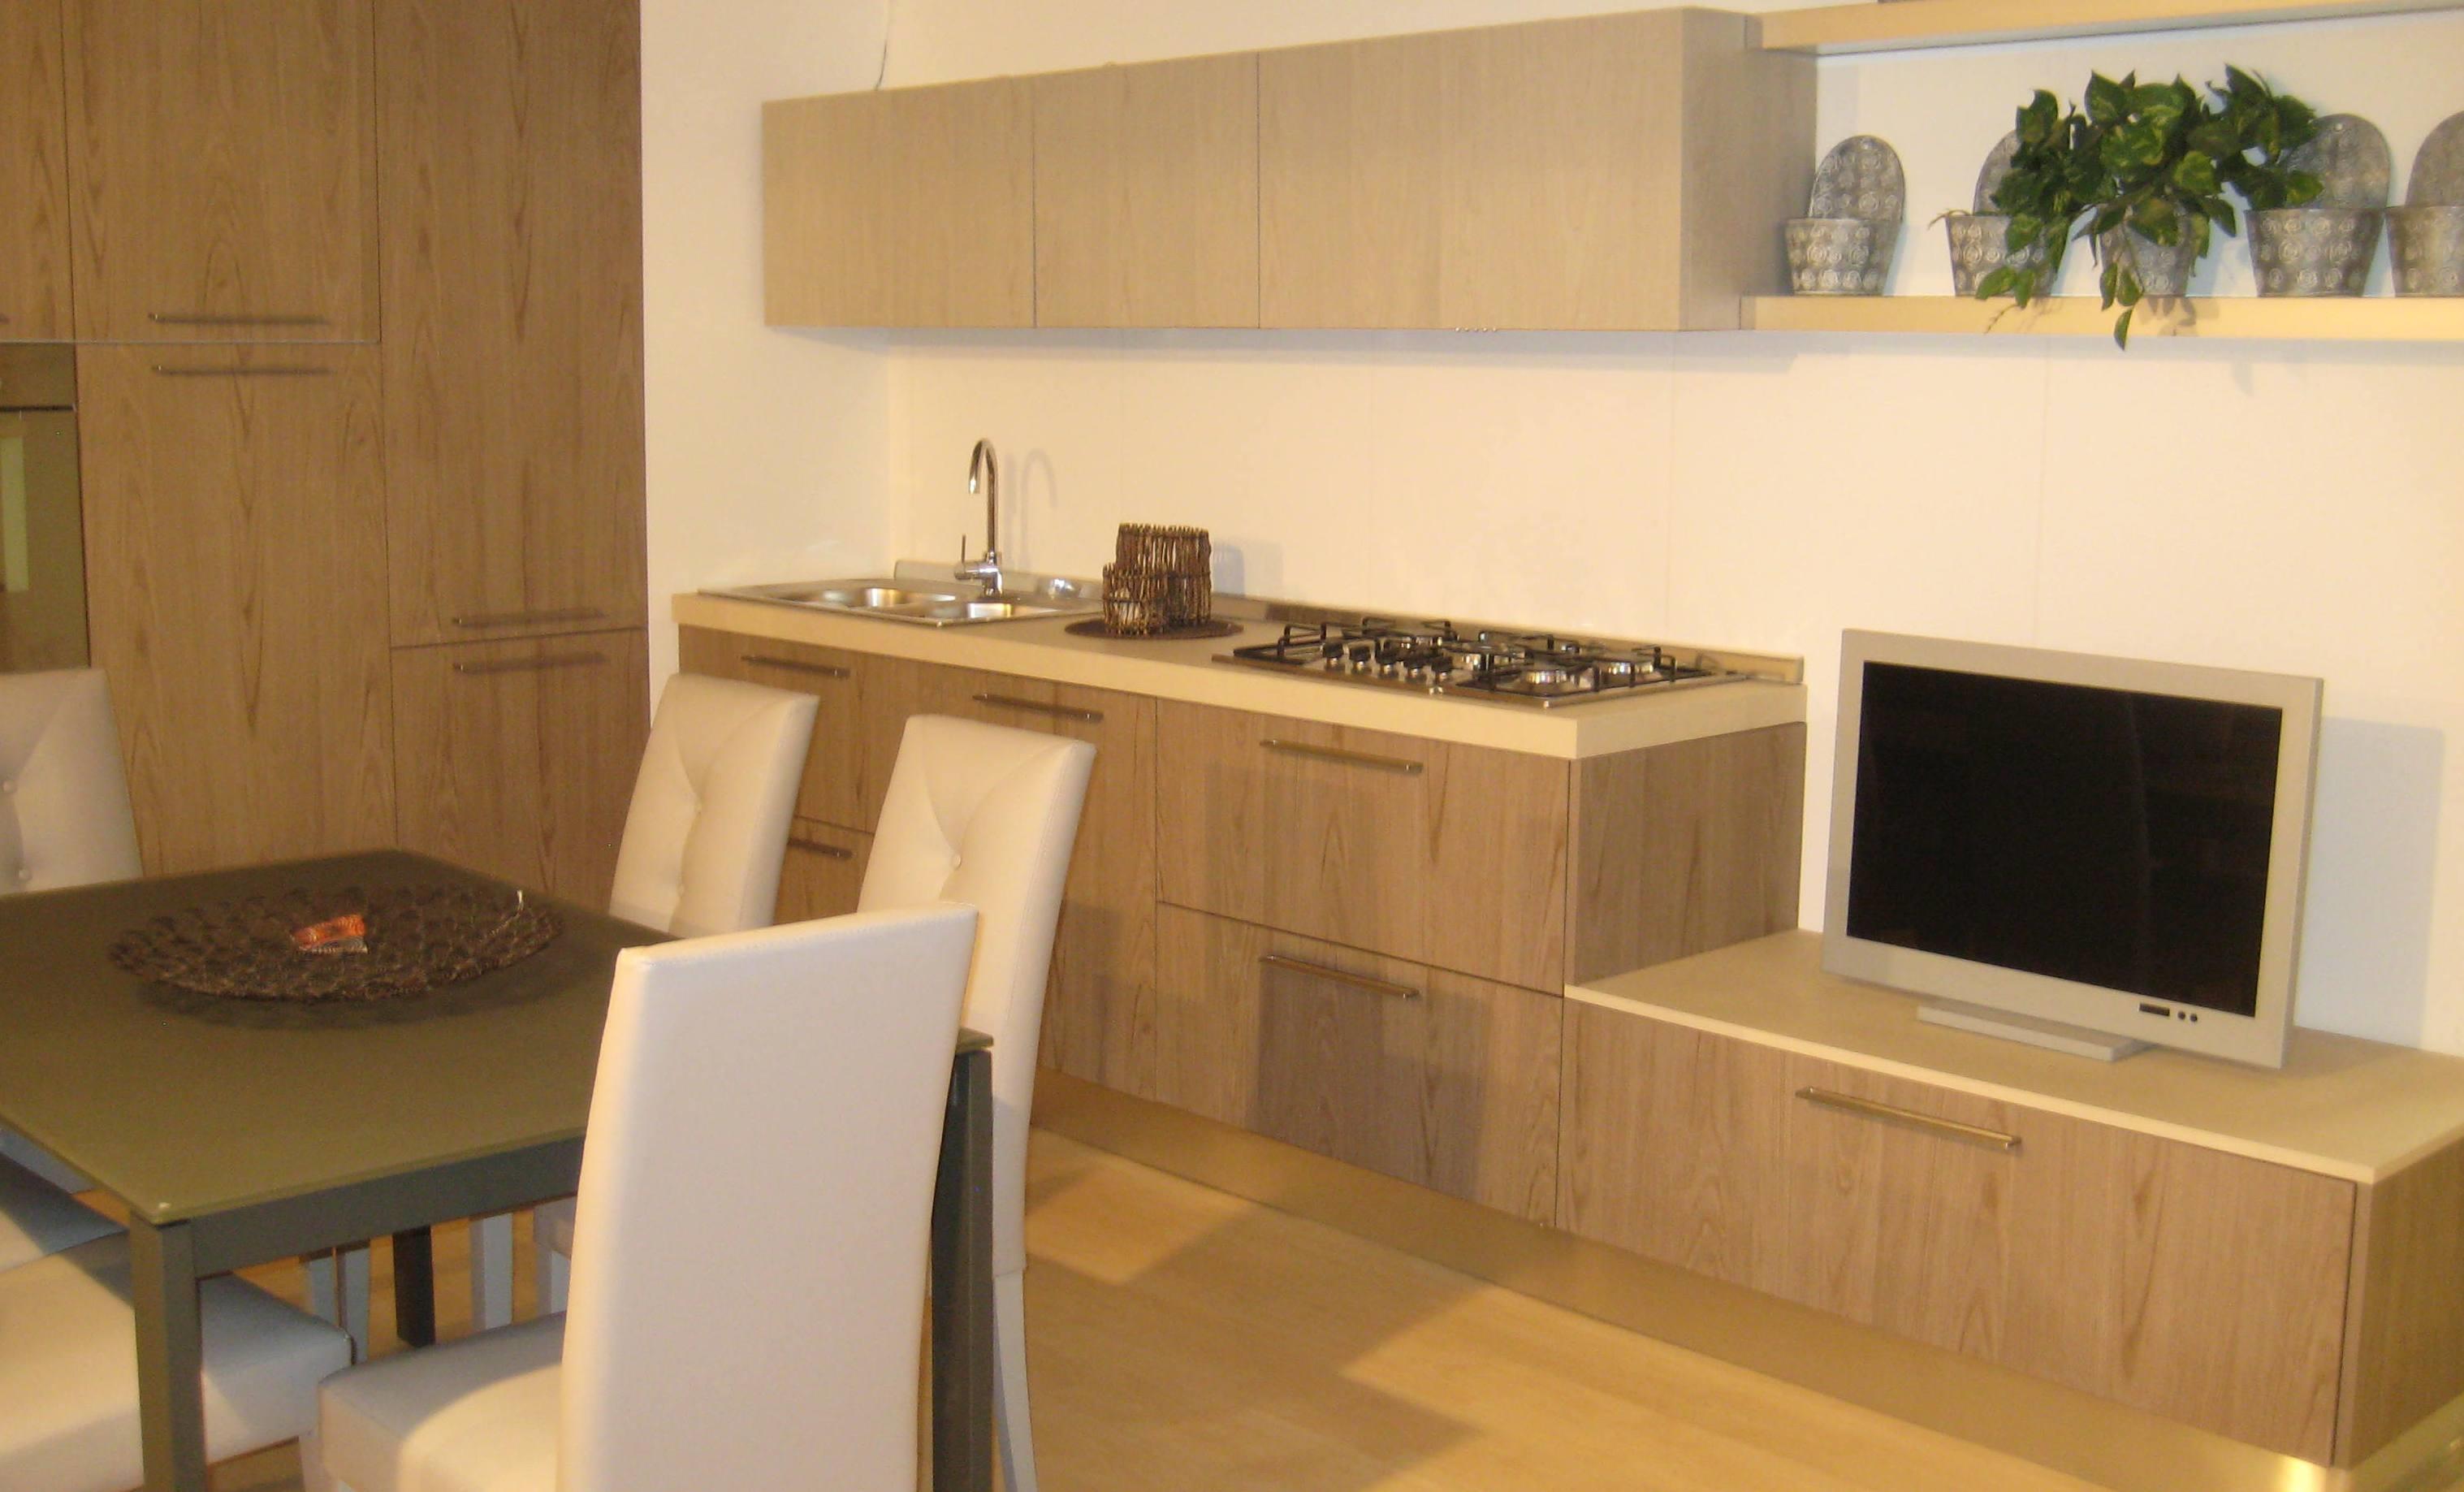 Cucina moderna composizione angolare.   cucine a prezzi scontati